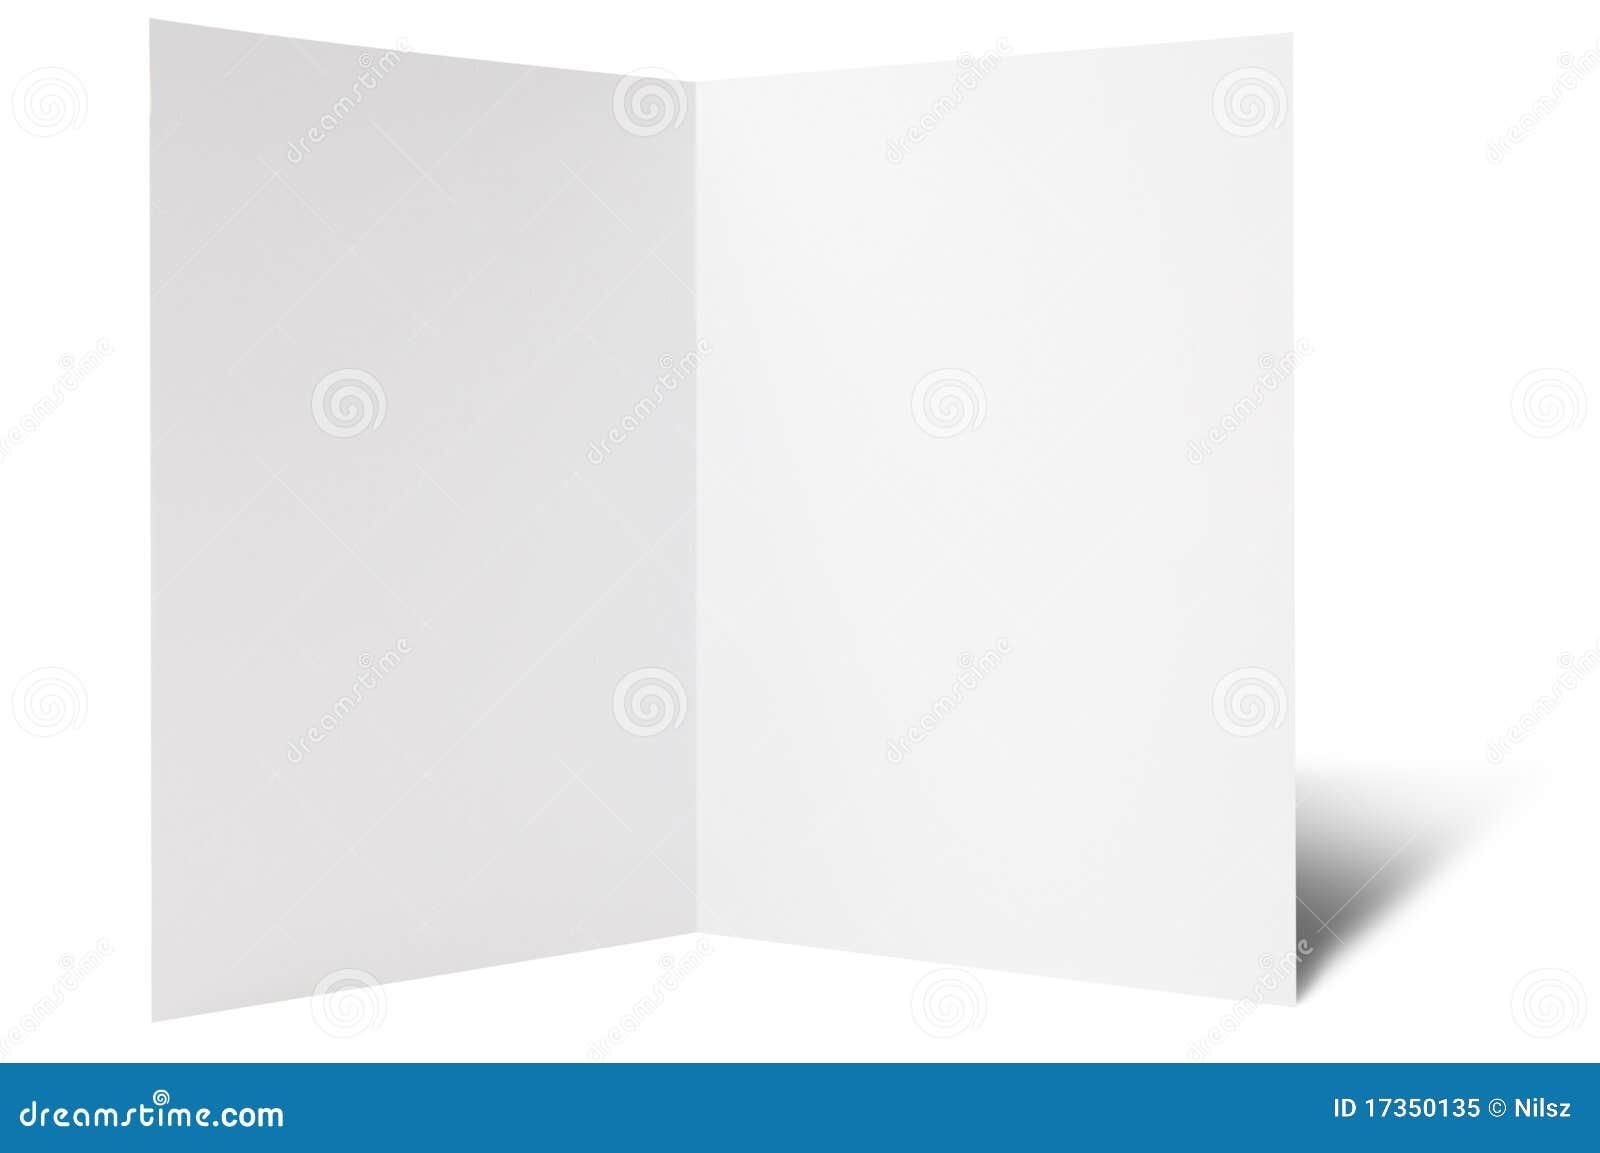 One break fold flyer